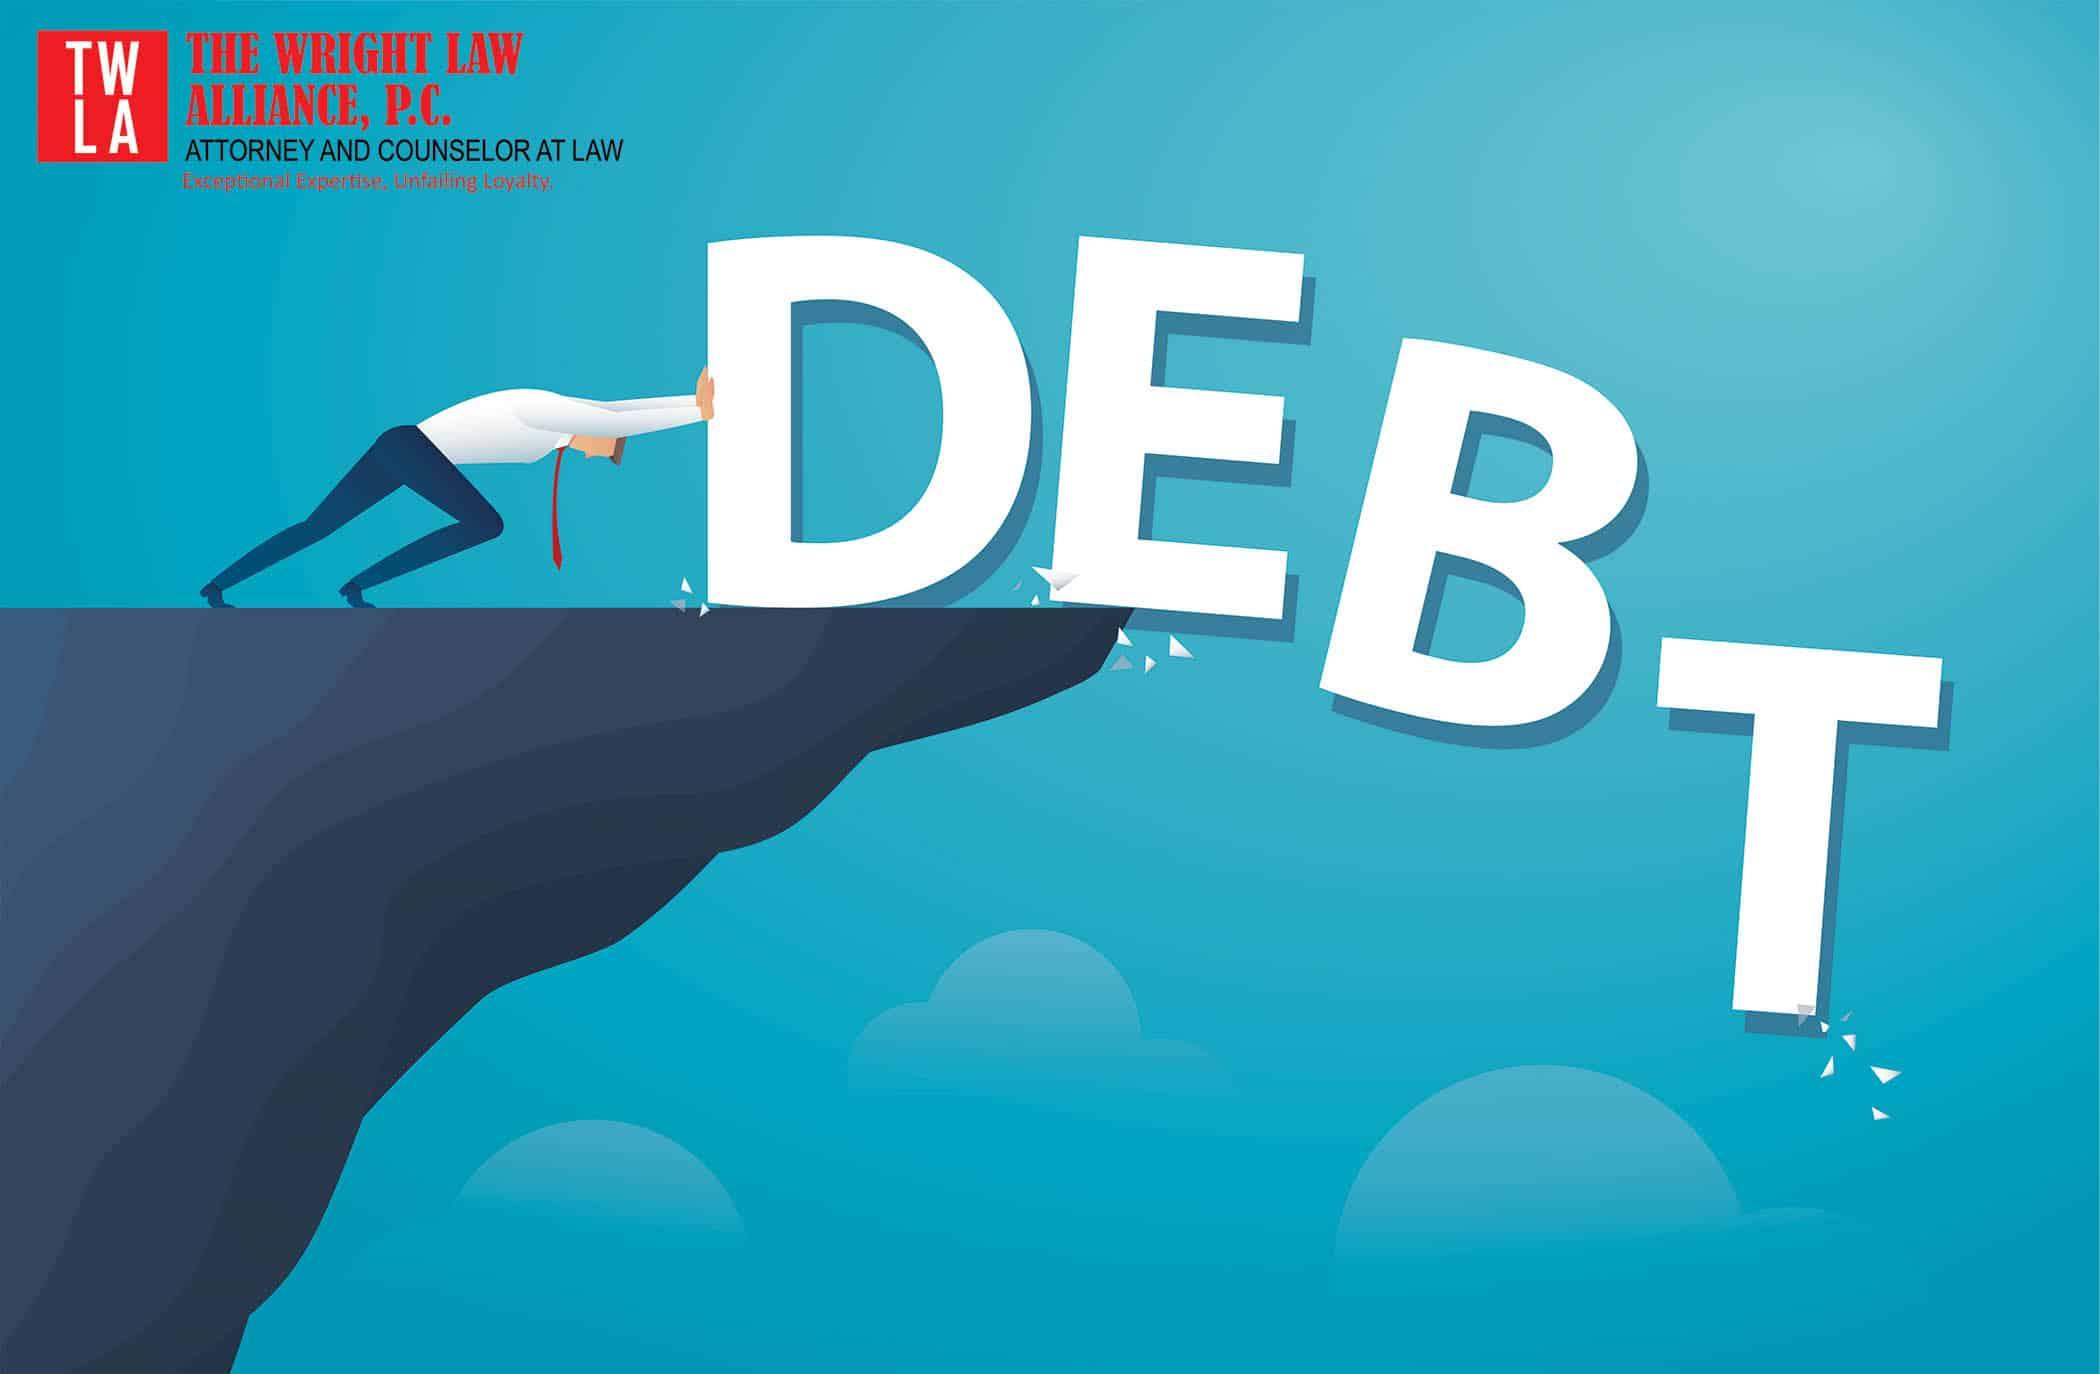 debt-destoryer-wright-law-alliance